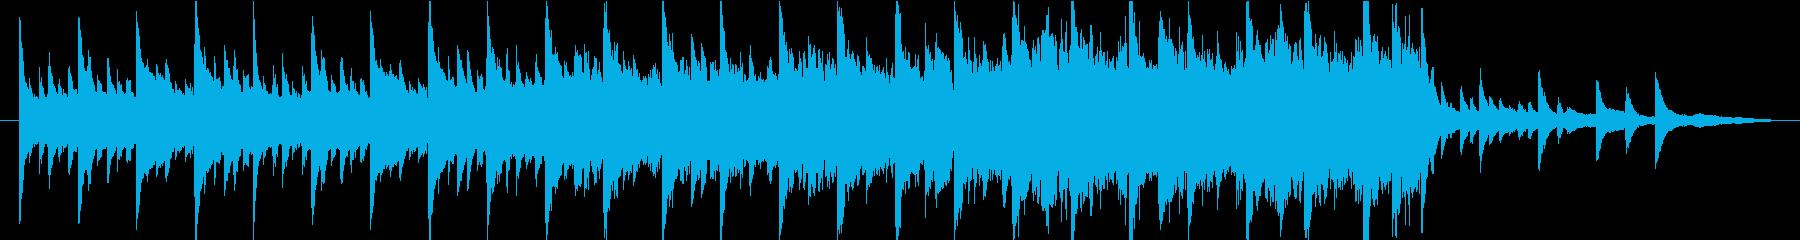 感情的な映画音楽の楽譜の再生済みの波形